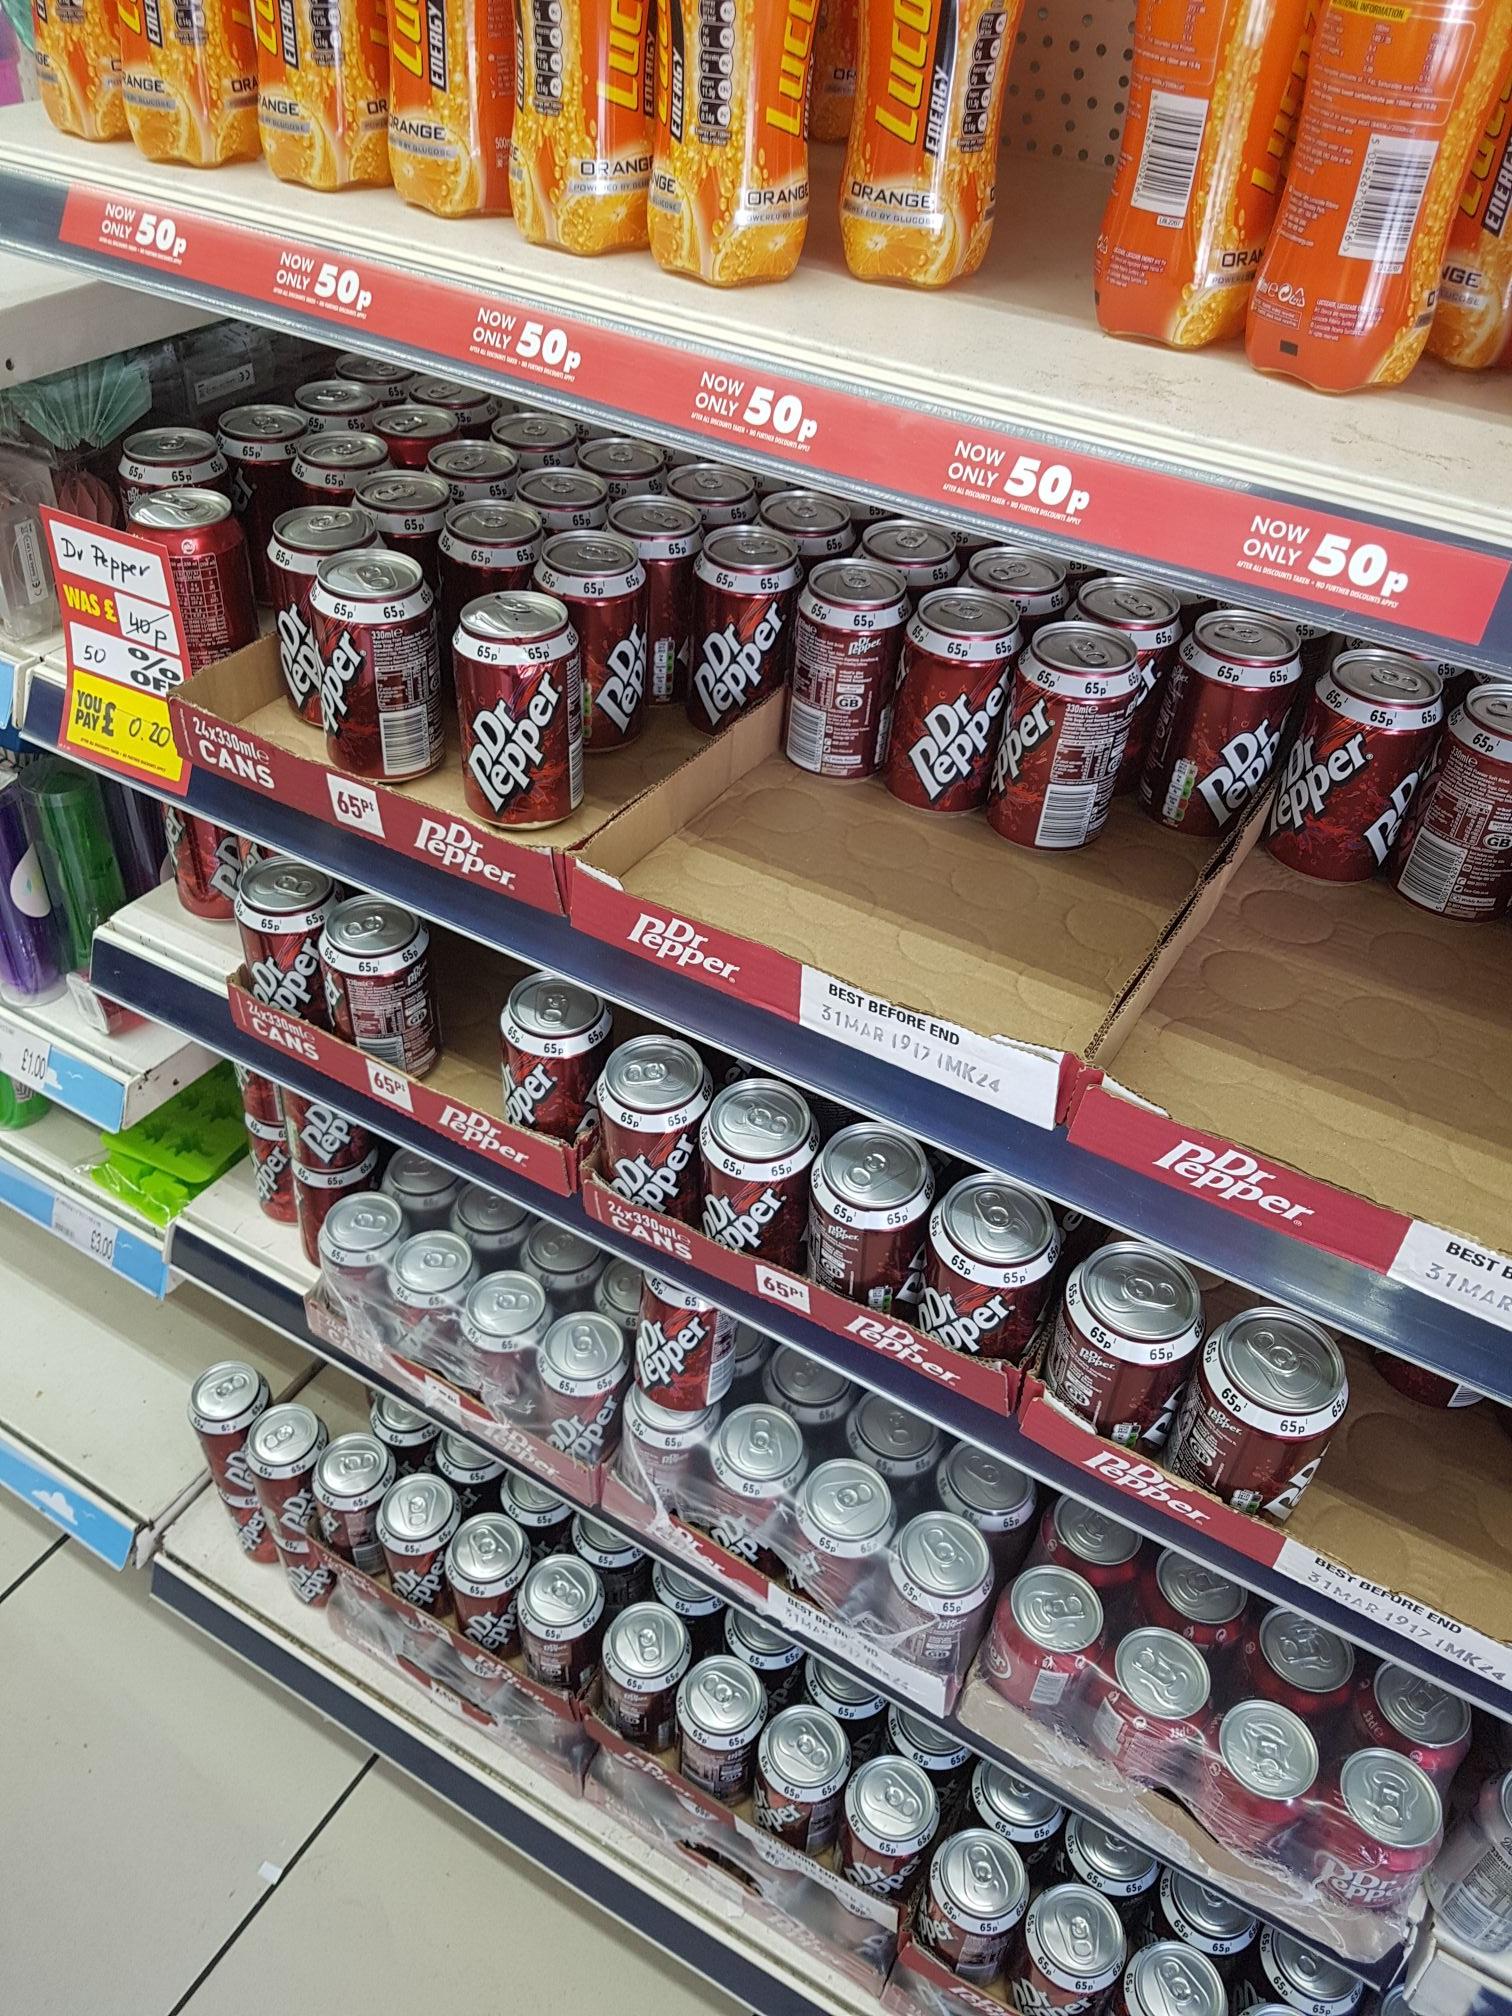 Dr pepper cans @ poundworld - 20p